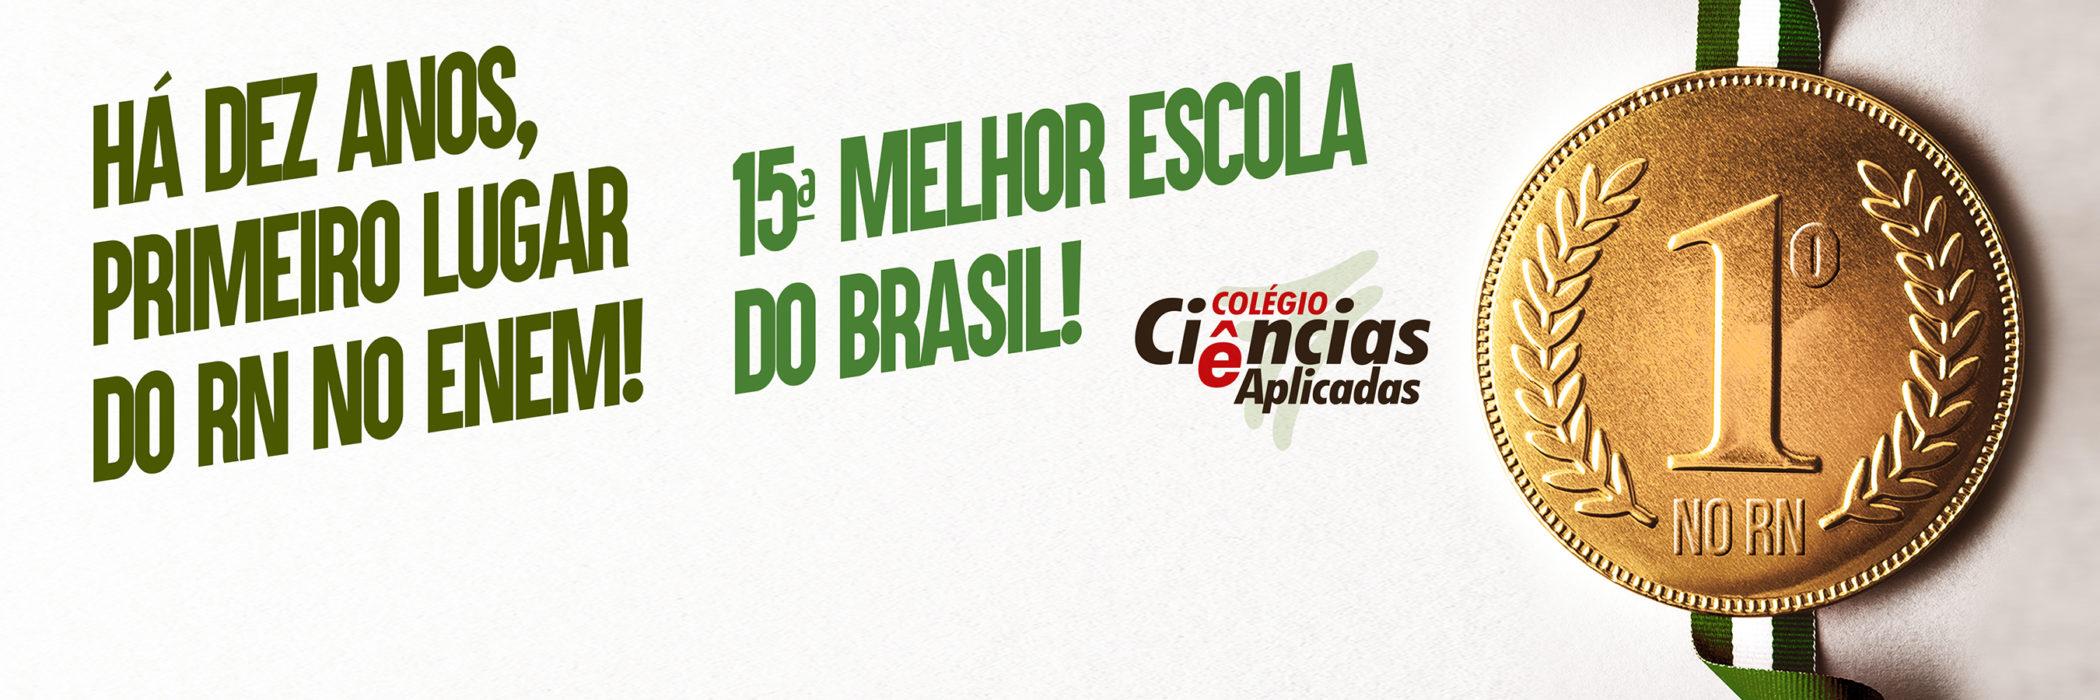 15ª melhor escola do Brasil